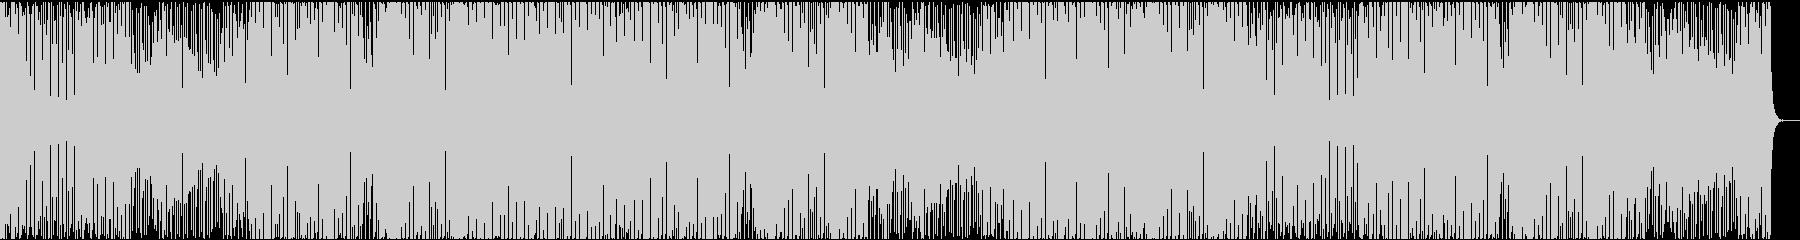 ファンキーでクールなアシッドジャズの未再生の波形